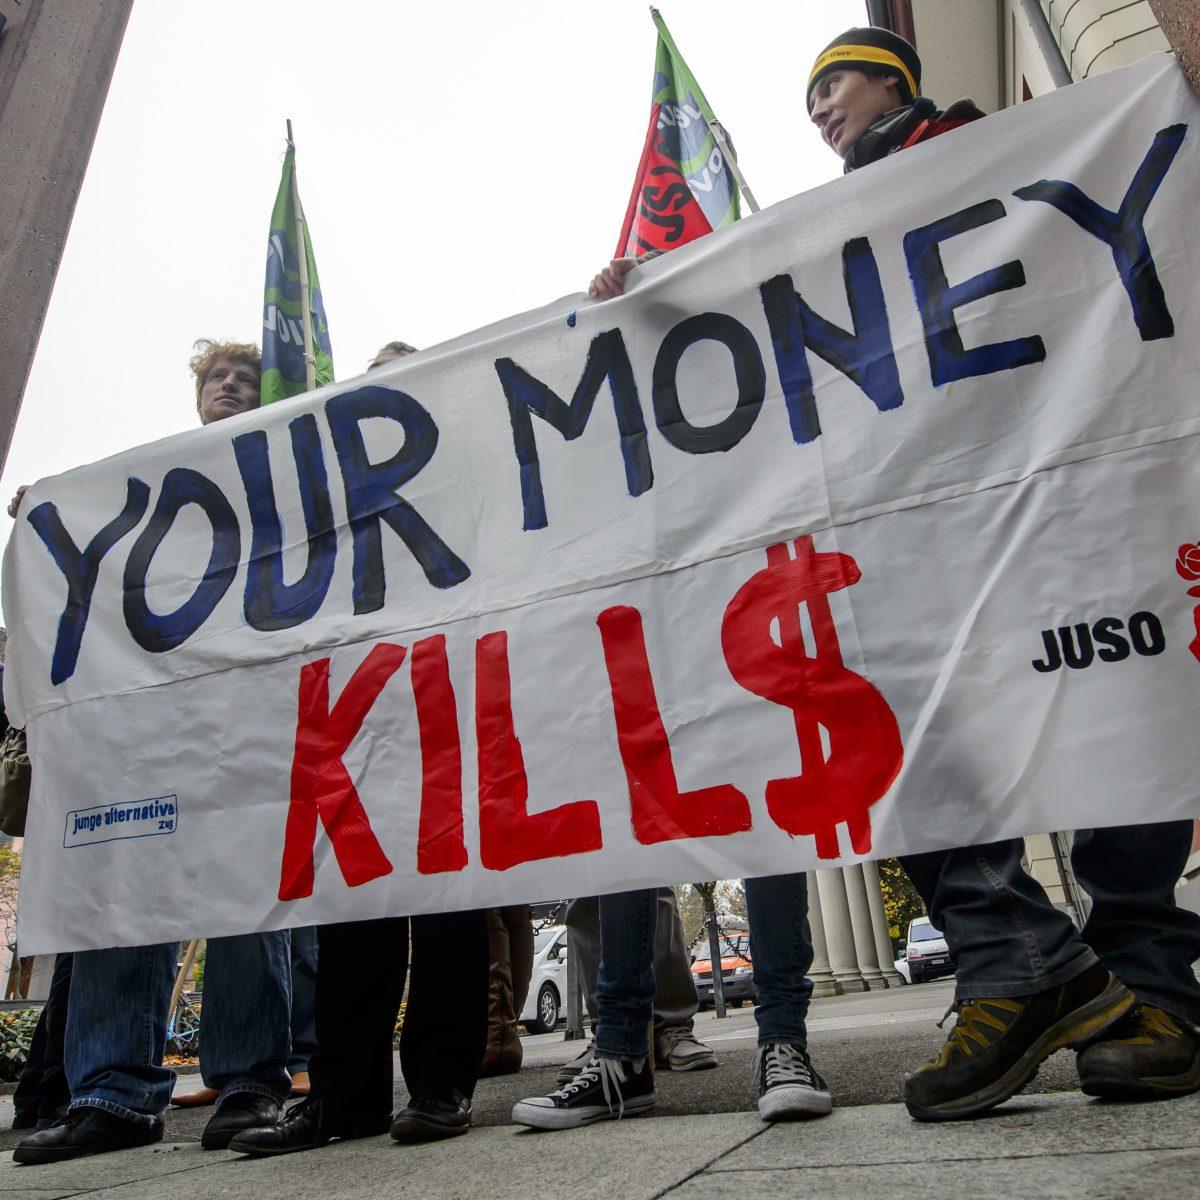 Manifestation en novembre 2012 à Zurich en Suisse contre la firme Glencore et Xstrata. © AFP PHOTO / FABRICE COFFRI